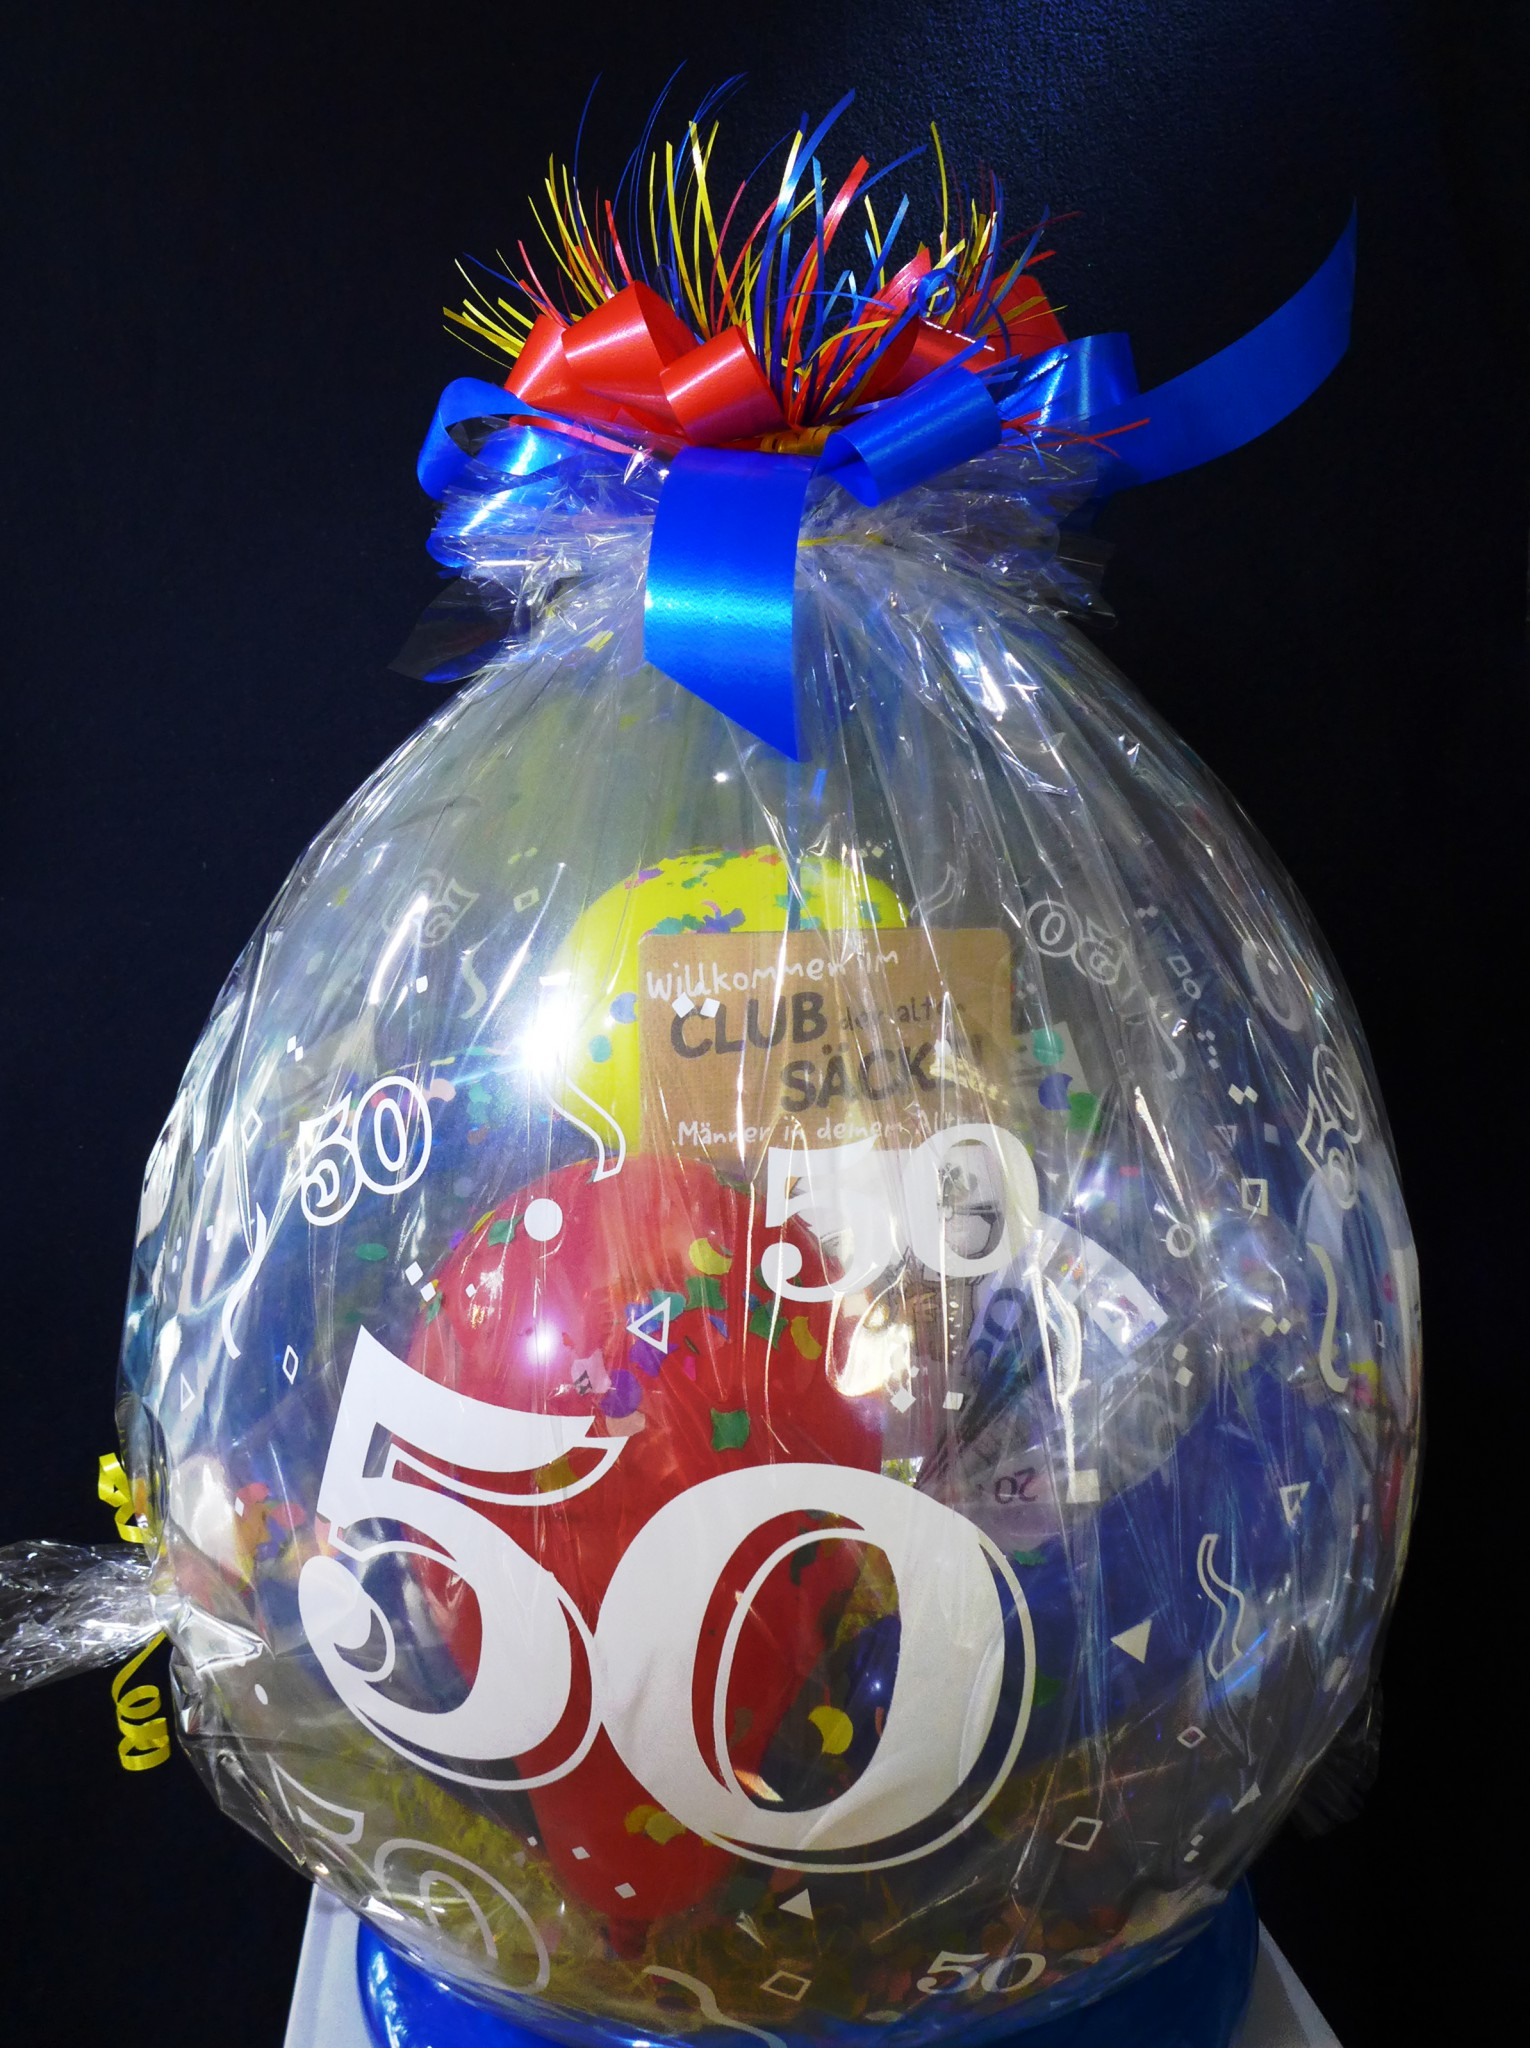 Abgehobene Geschenke Ballons Und Ballondekorationen